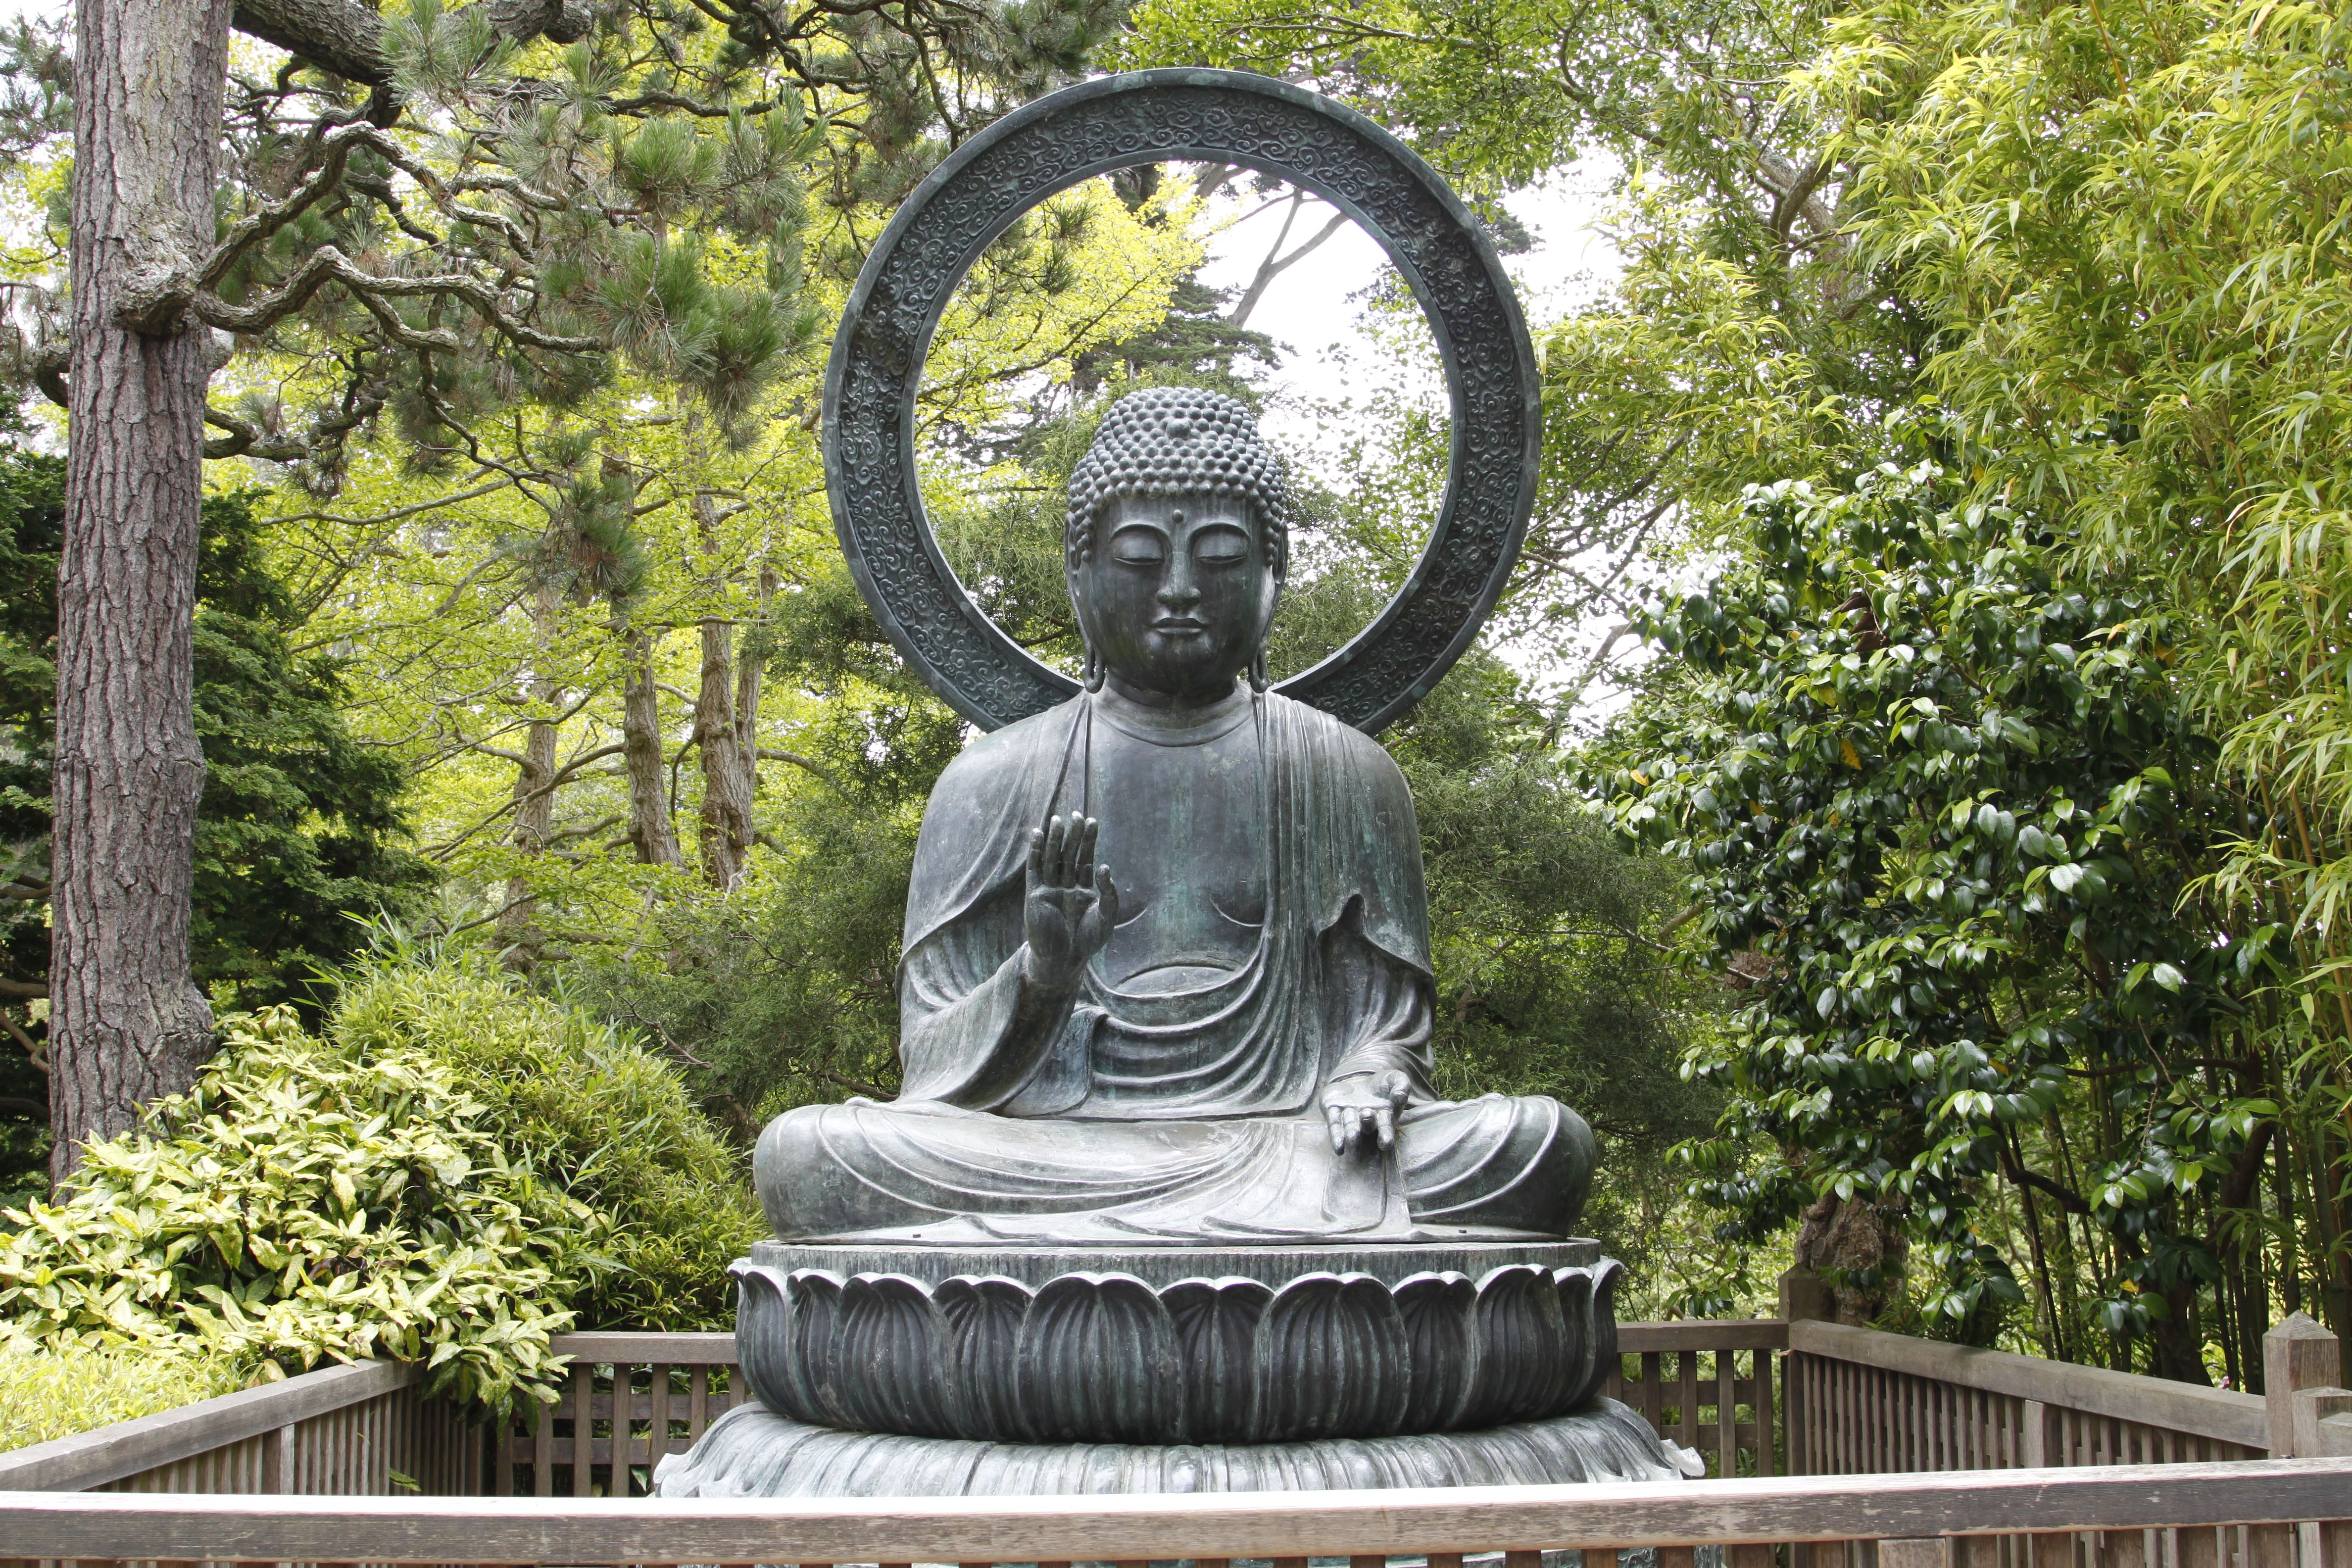 Pin By Sena Lee On Buddhist Art Buddha Artwork Buddhist Art Buddha